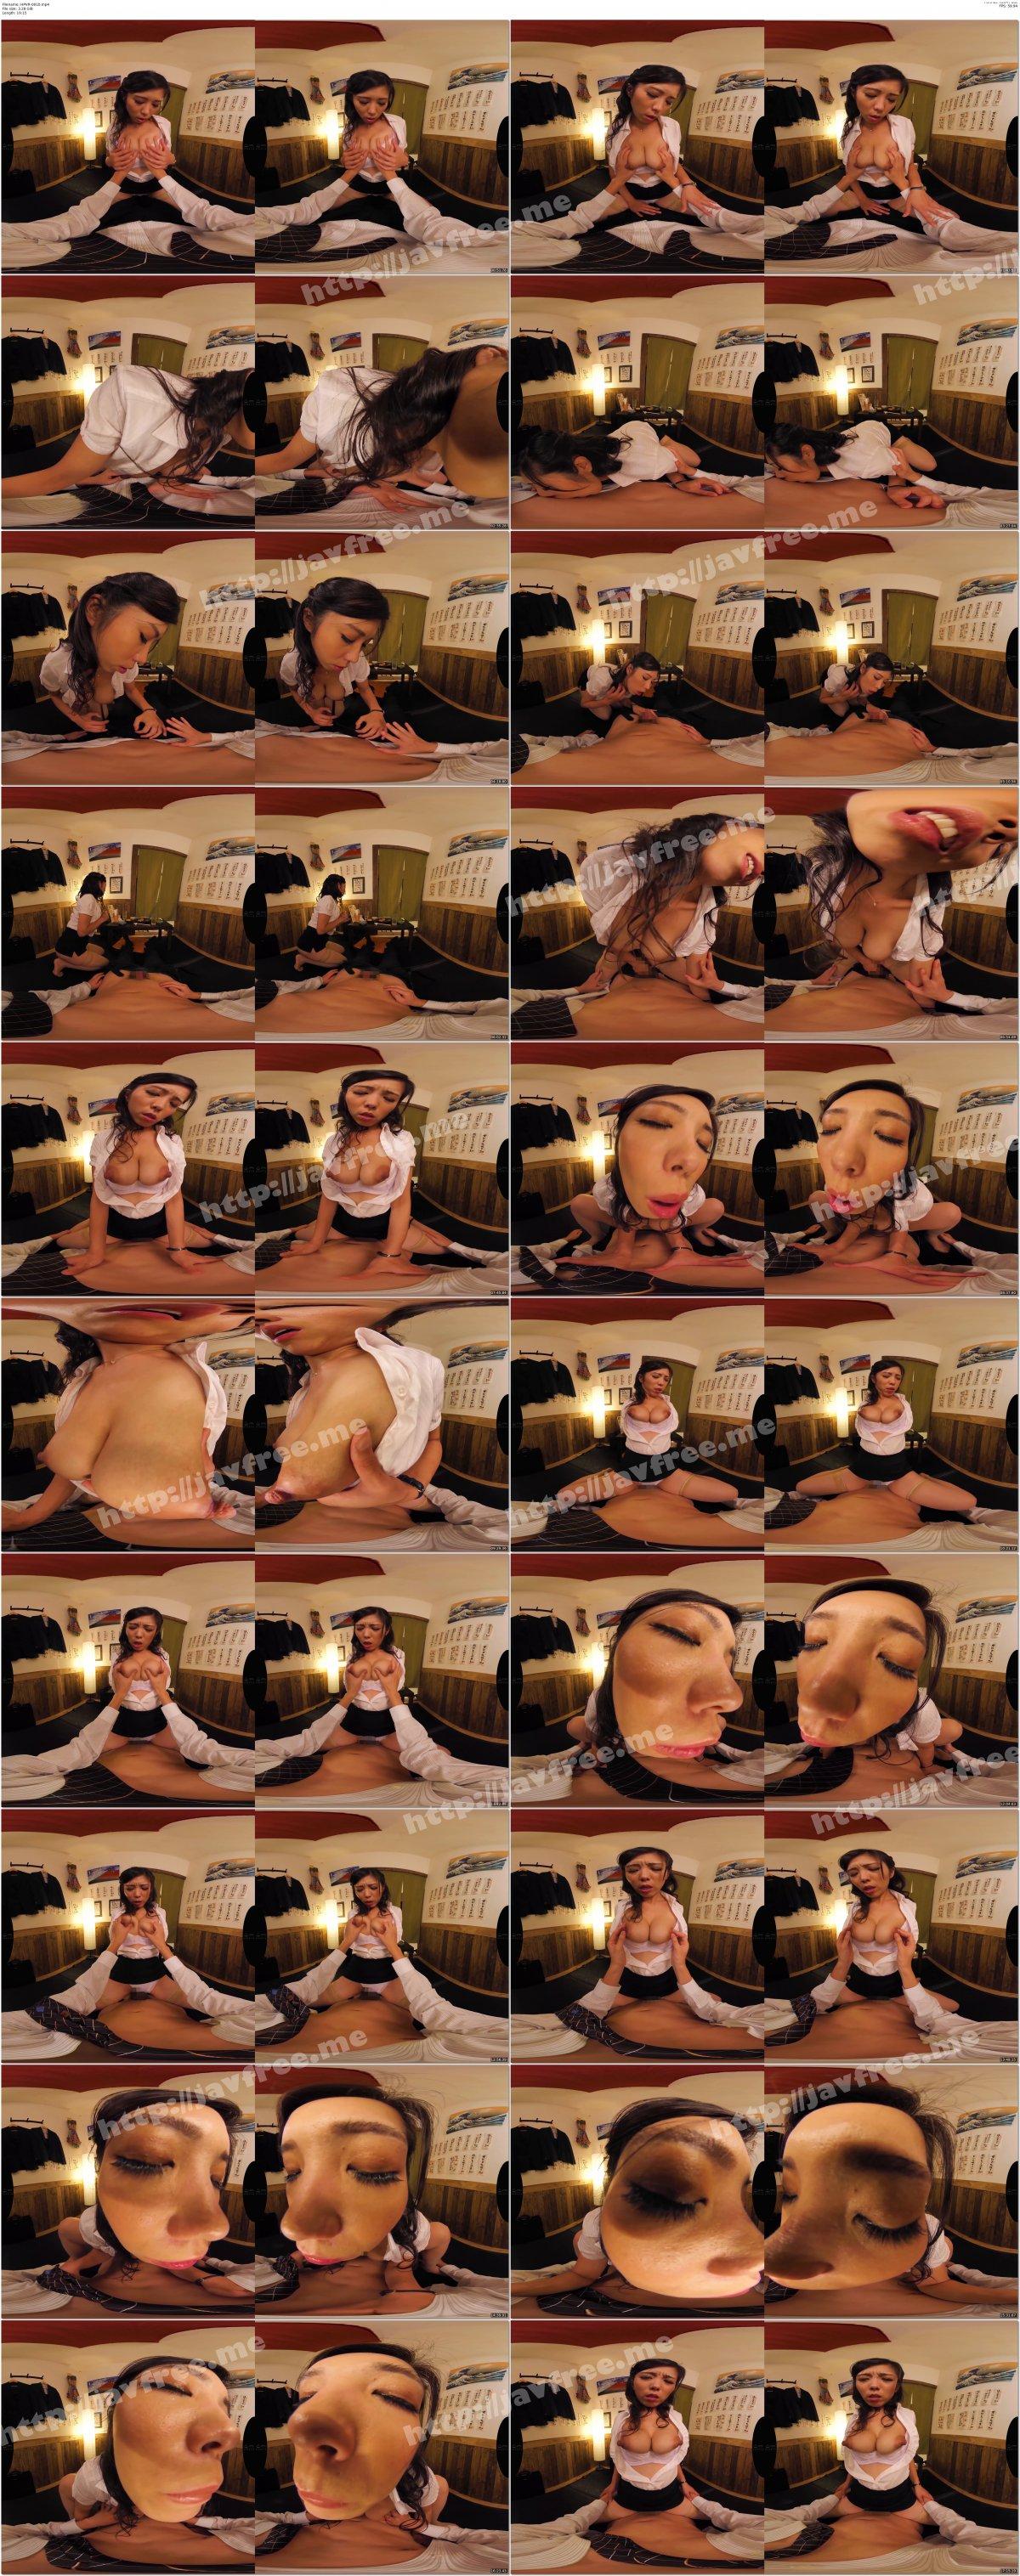 [HPVR-001] 【VR】【長尺】オフィスの近所の個室居酒屋で職場の巨乳(上司・後輩・同期・部下)に告られて…そのままコソコソ密着接吻性交 - image HPVR-001b on https://javfree.me